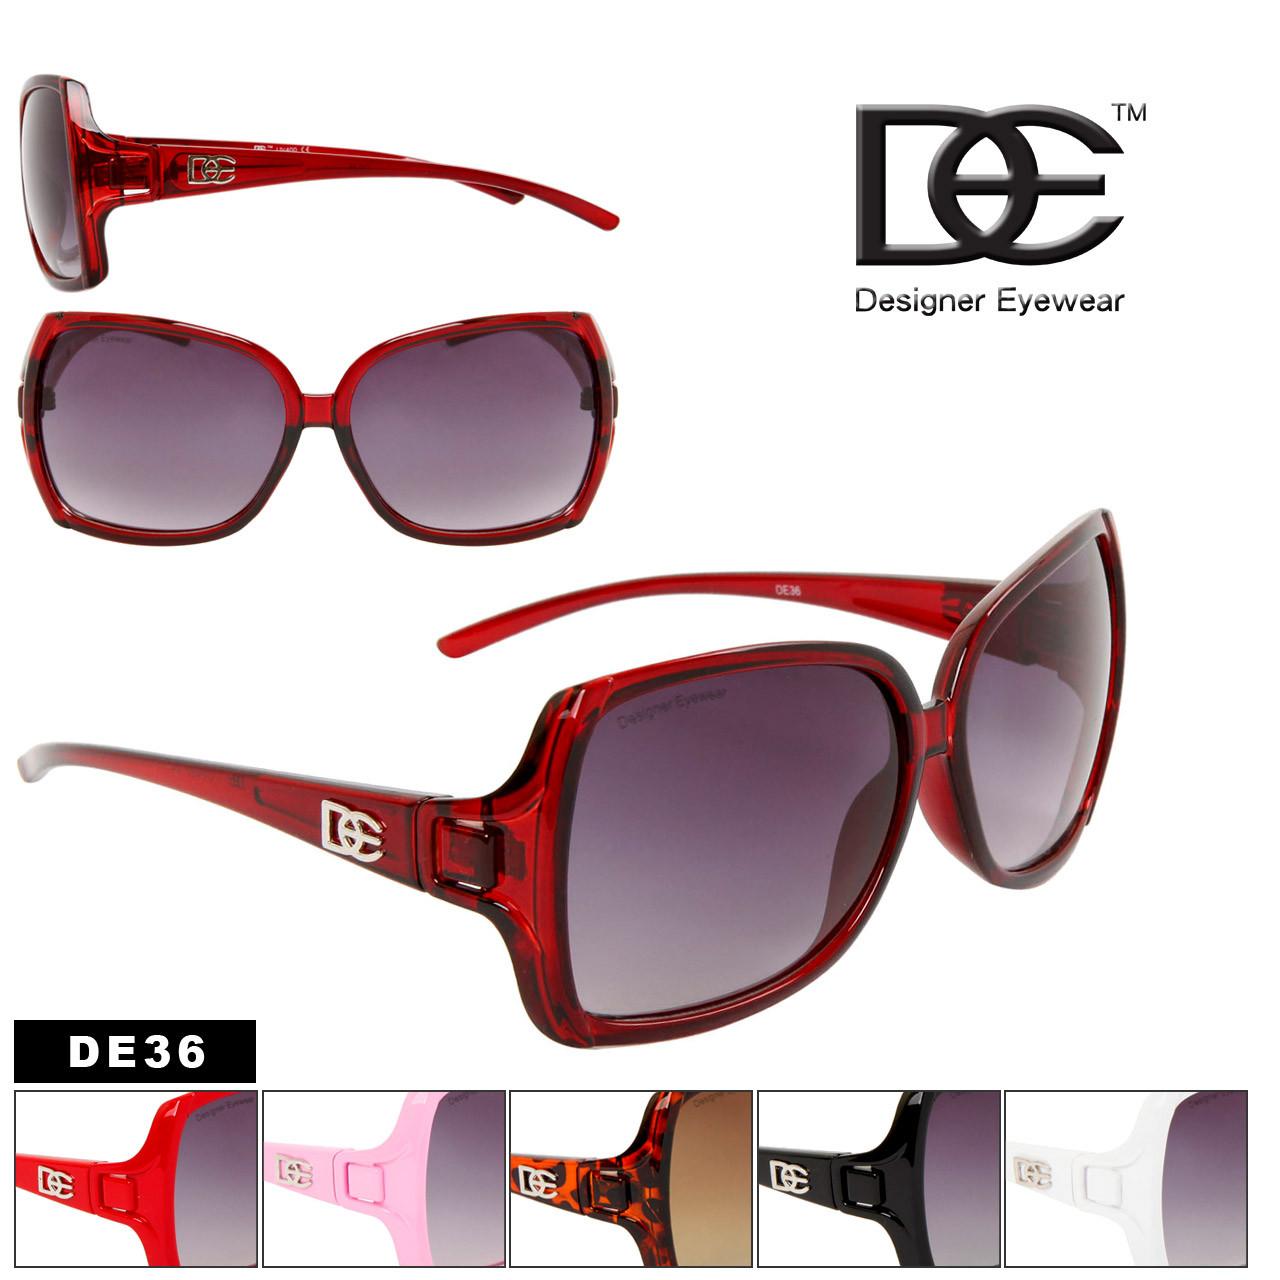 DE36 Vintage Sunglasses Wholesale